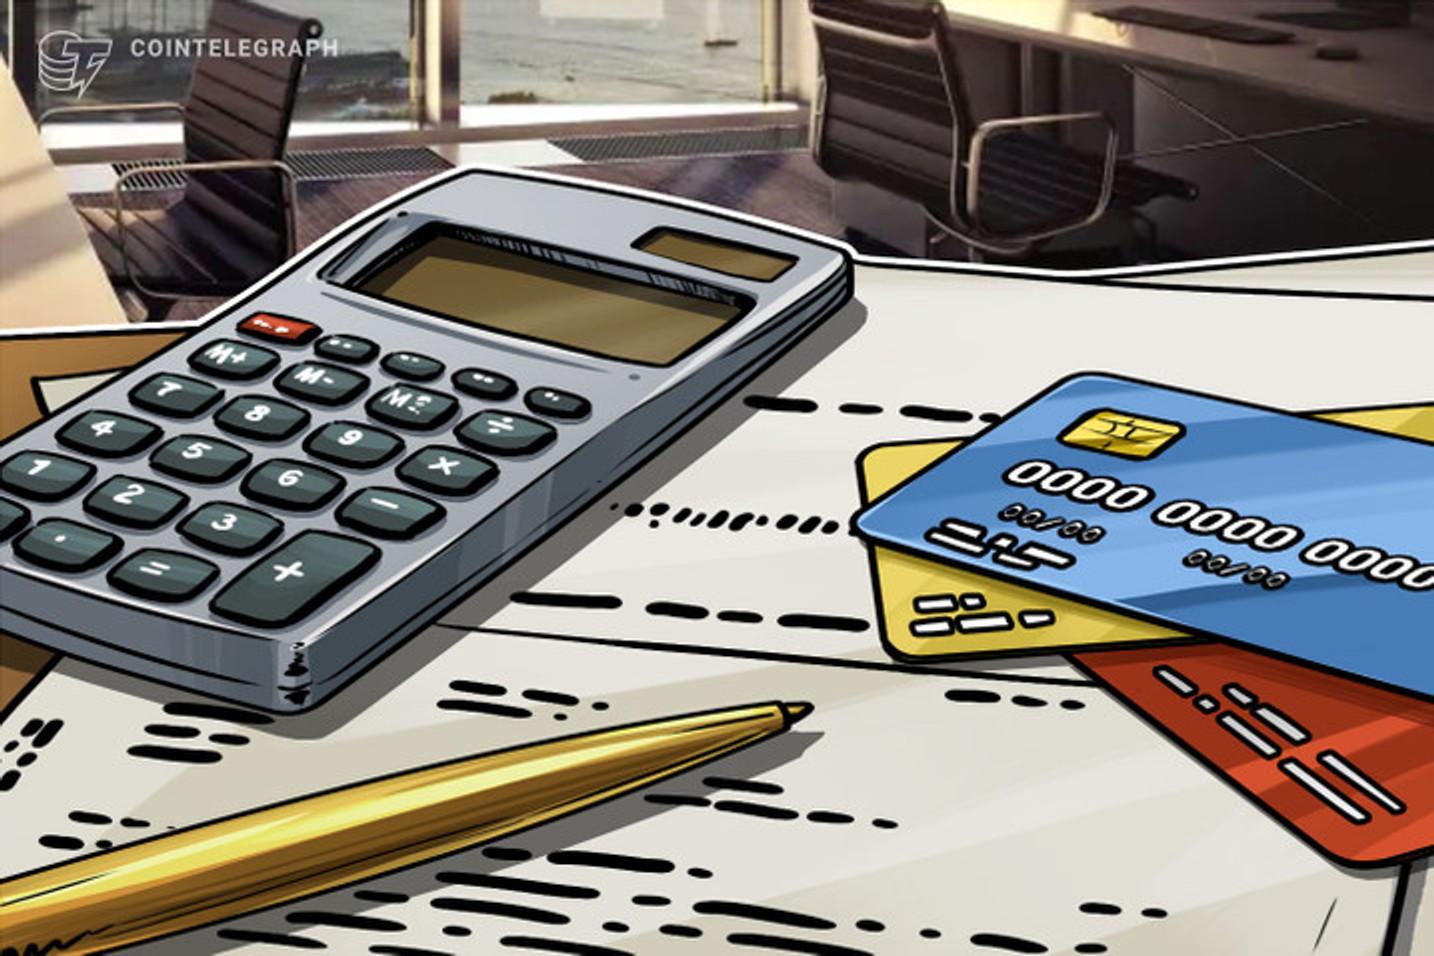 España: ¿Qué medidas de seguridad permiten los bancos y las fintech para evitar fraudes con tarjetas?